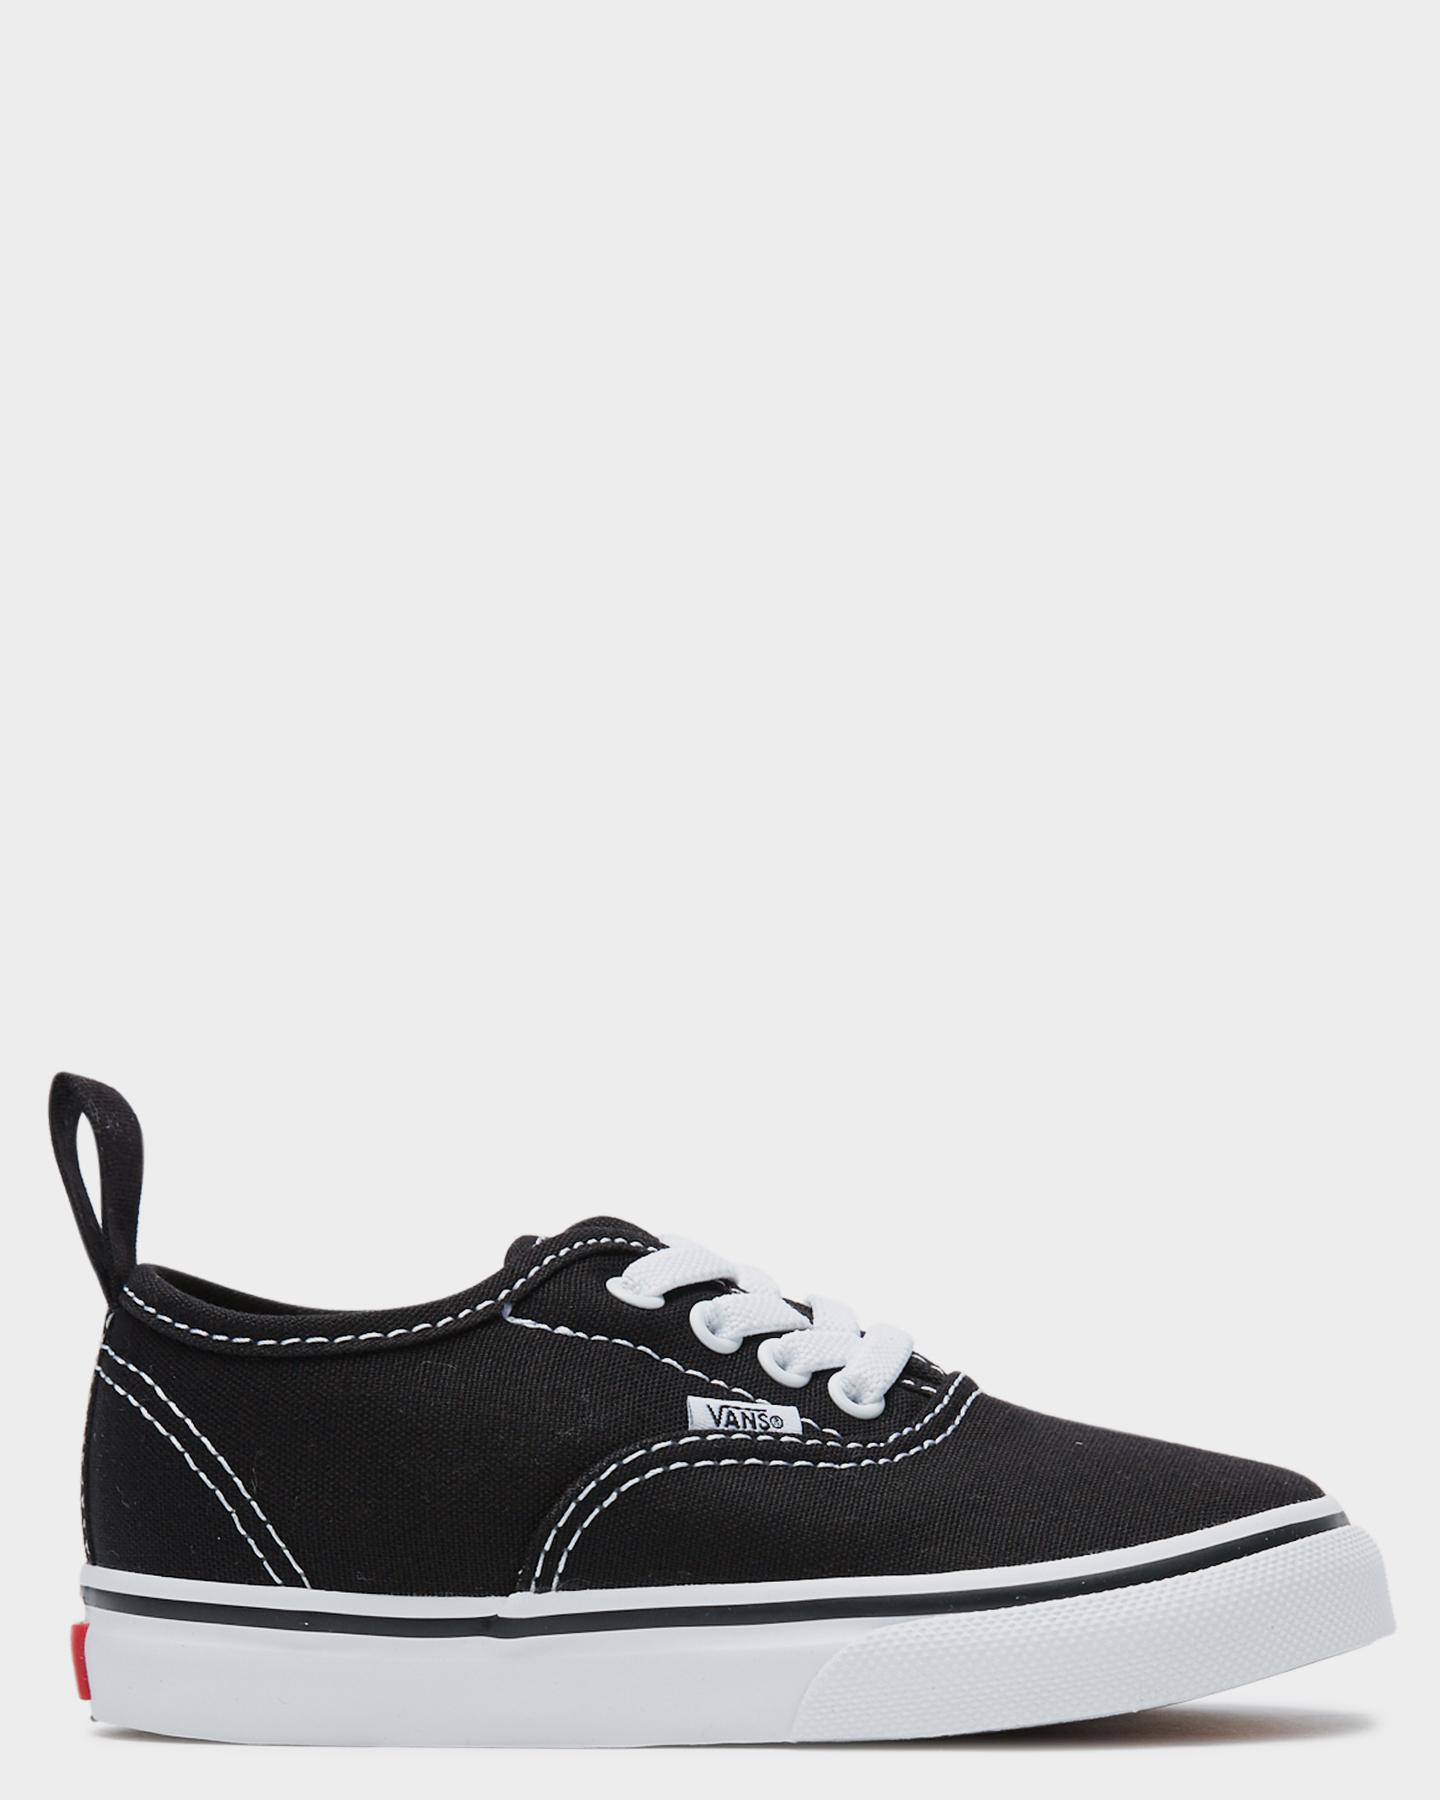 Vans Authentic Elastic Lace Shoe - Toddler Black White